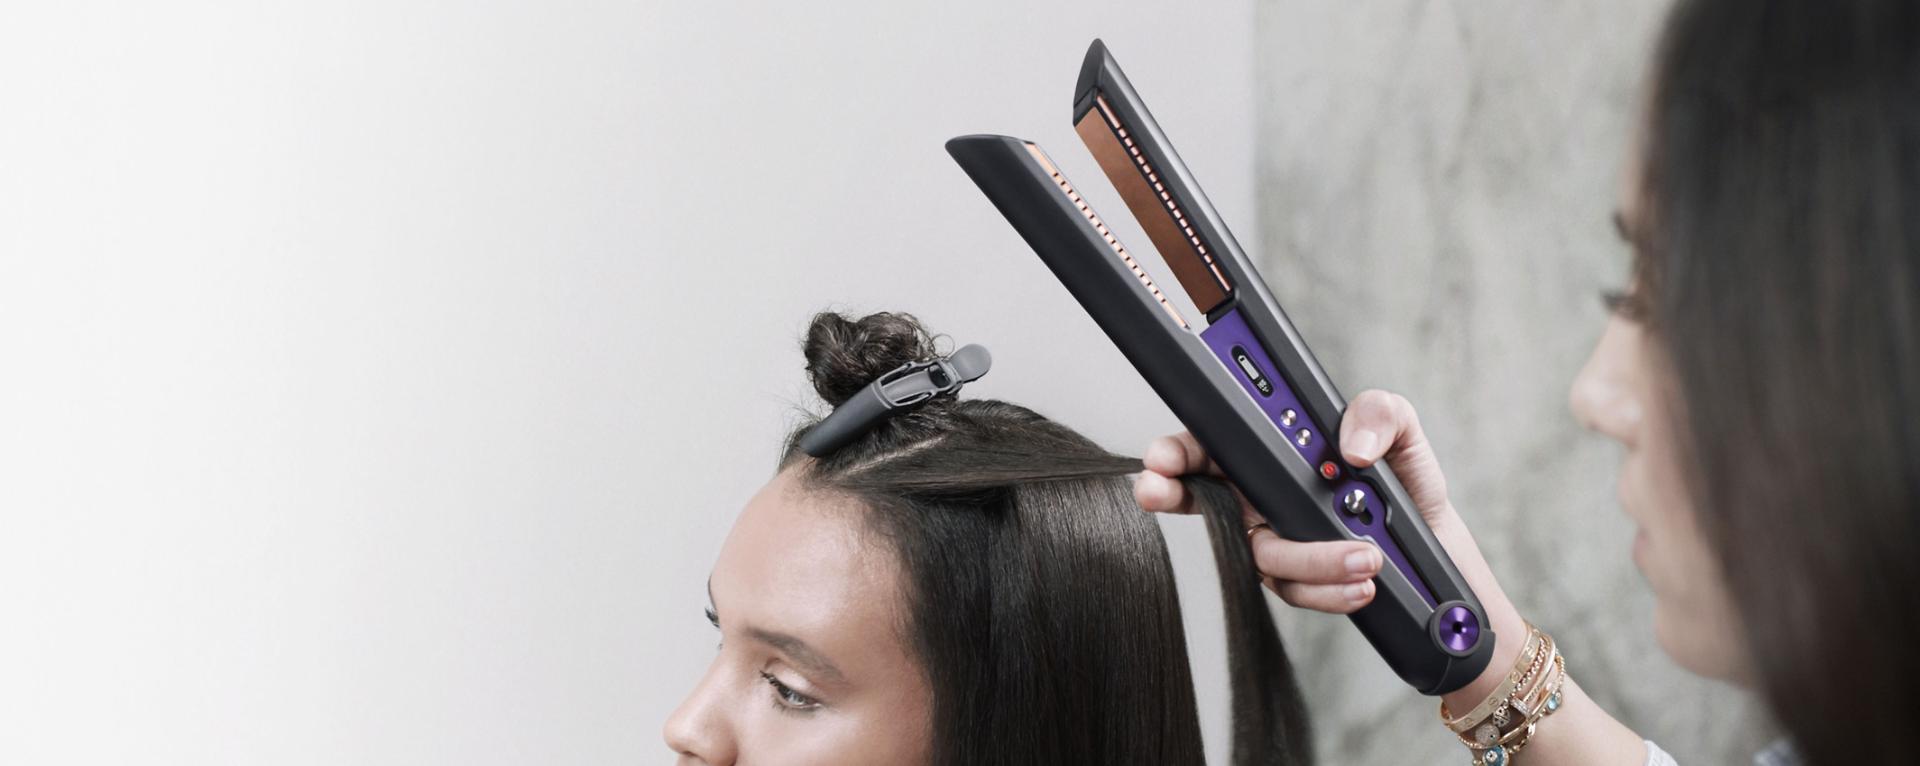 Közelkép a Dyson Corrale hajvasalót használó professzionális stylistról